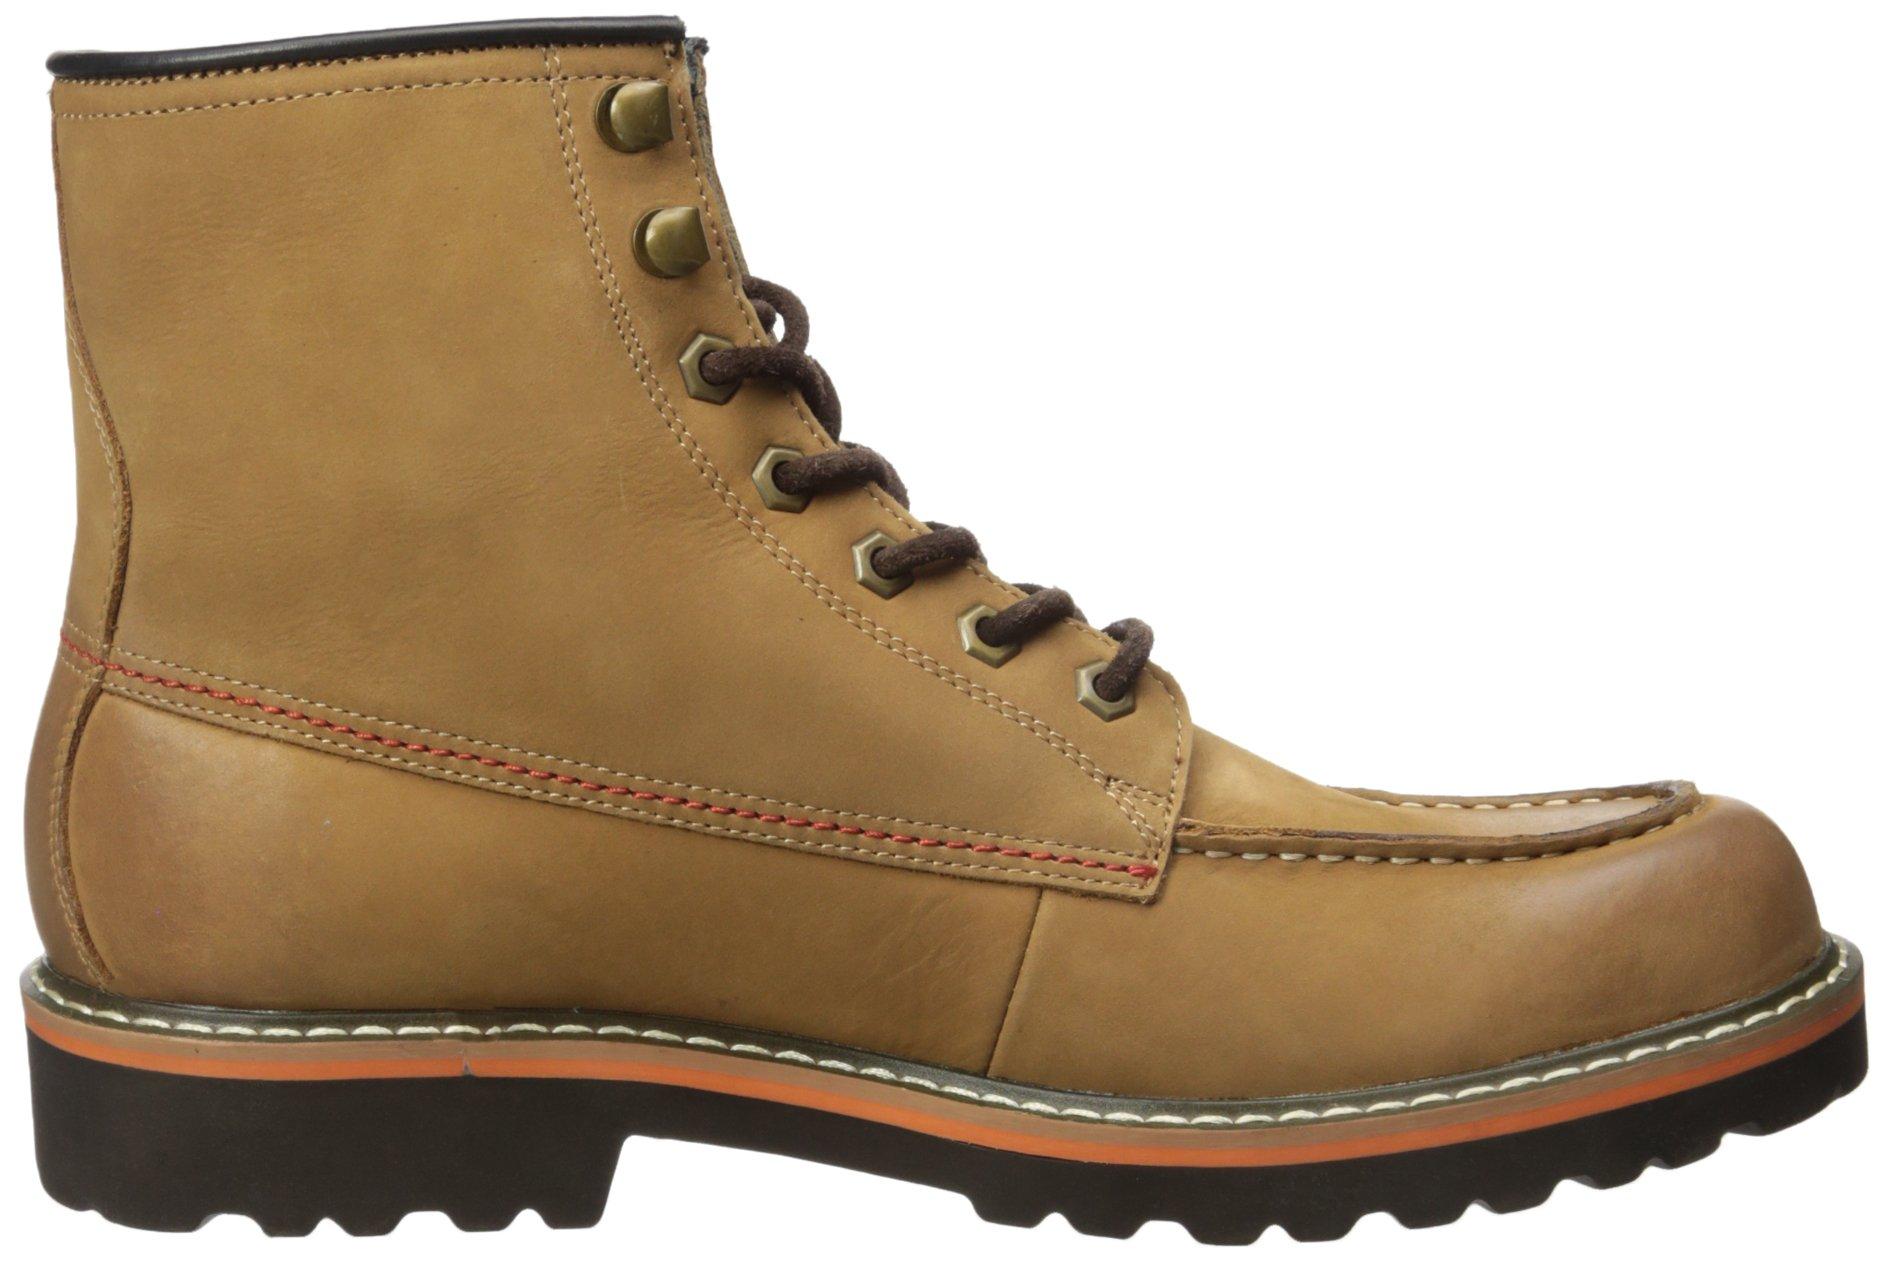 Hawke & Co Men's Harrison Work Boot, Wheat, 10.5 M US by Hawke & Co (Image #7)